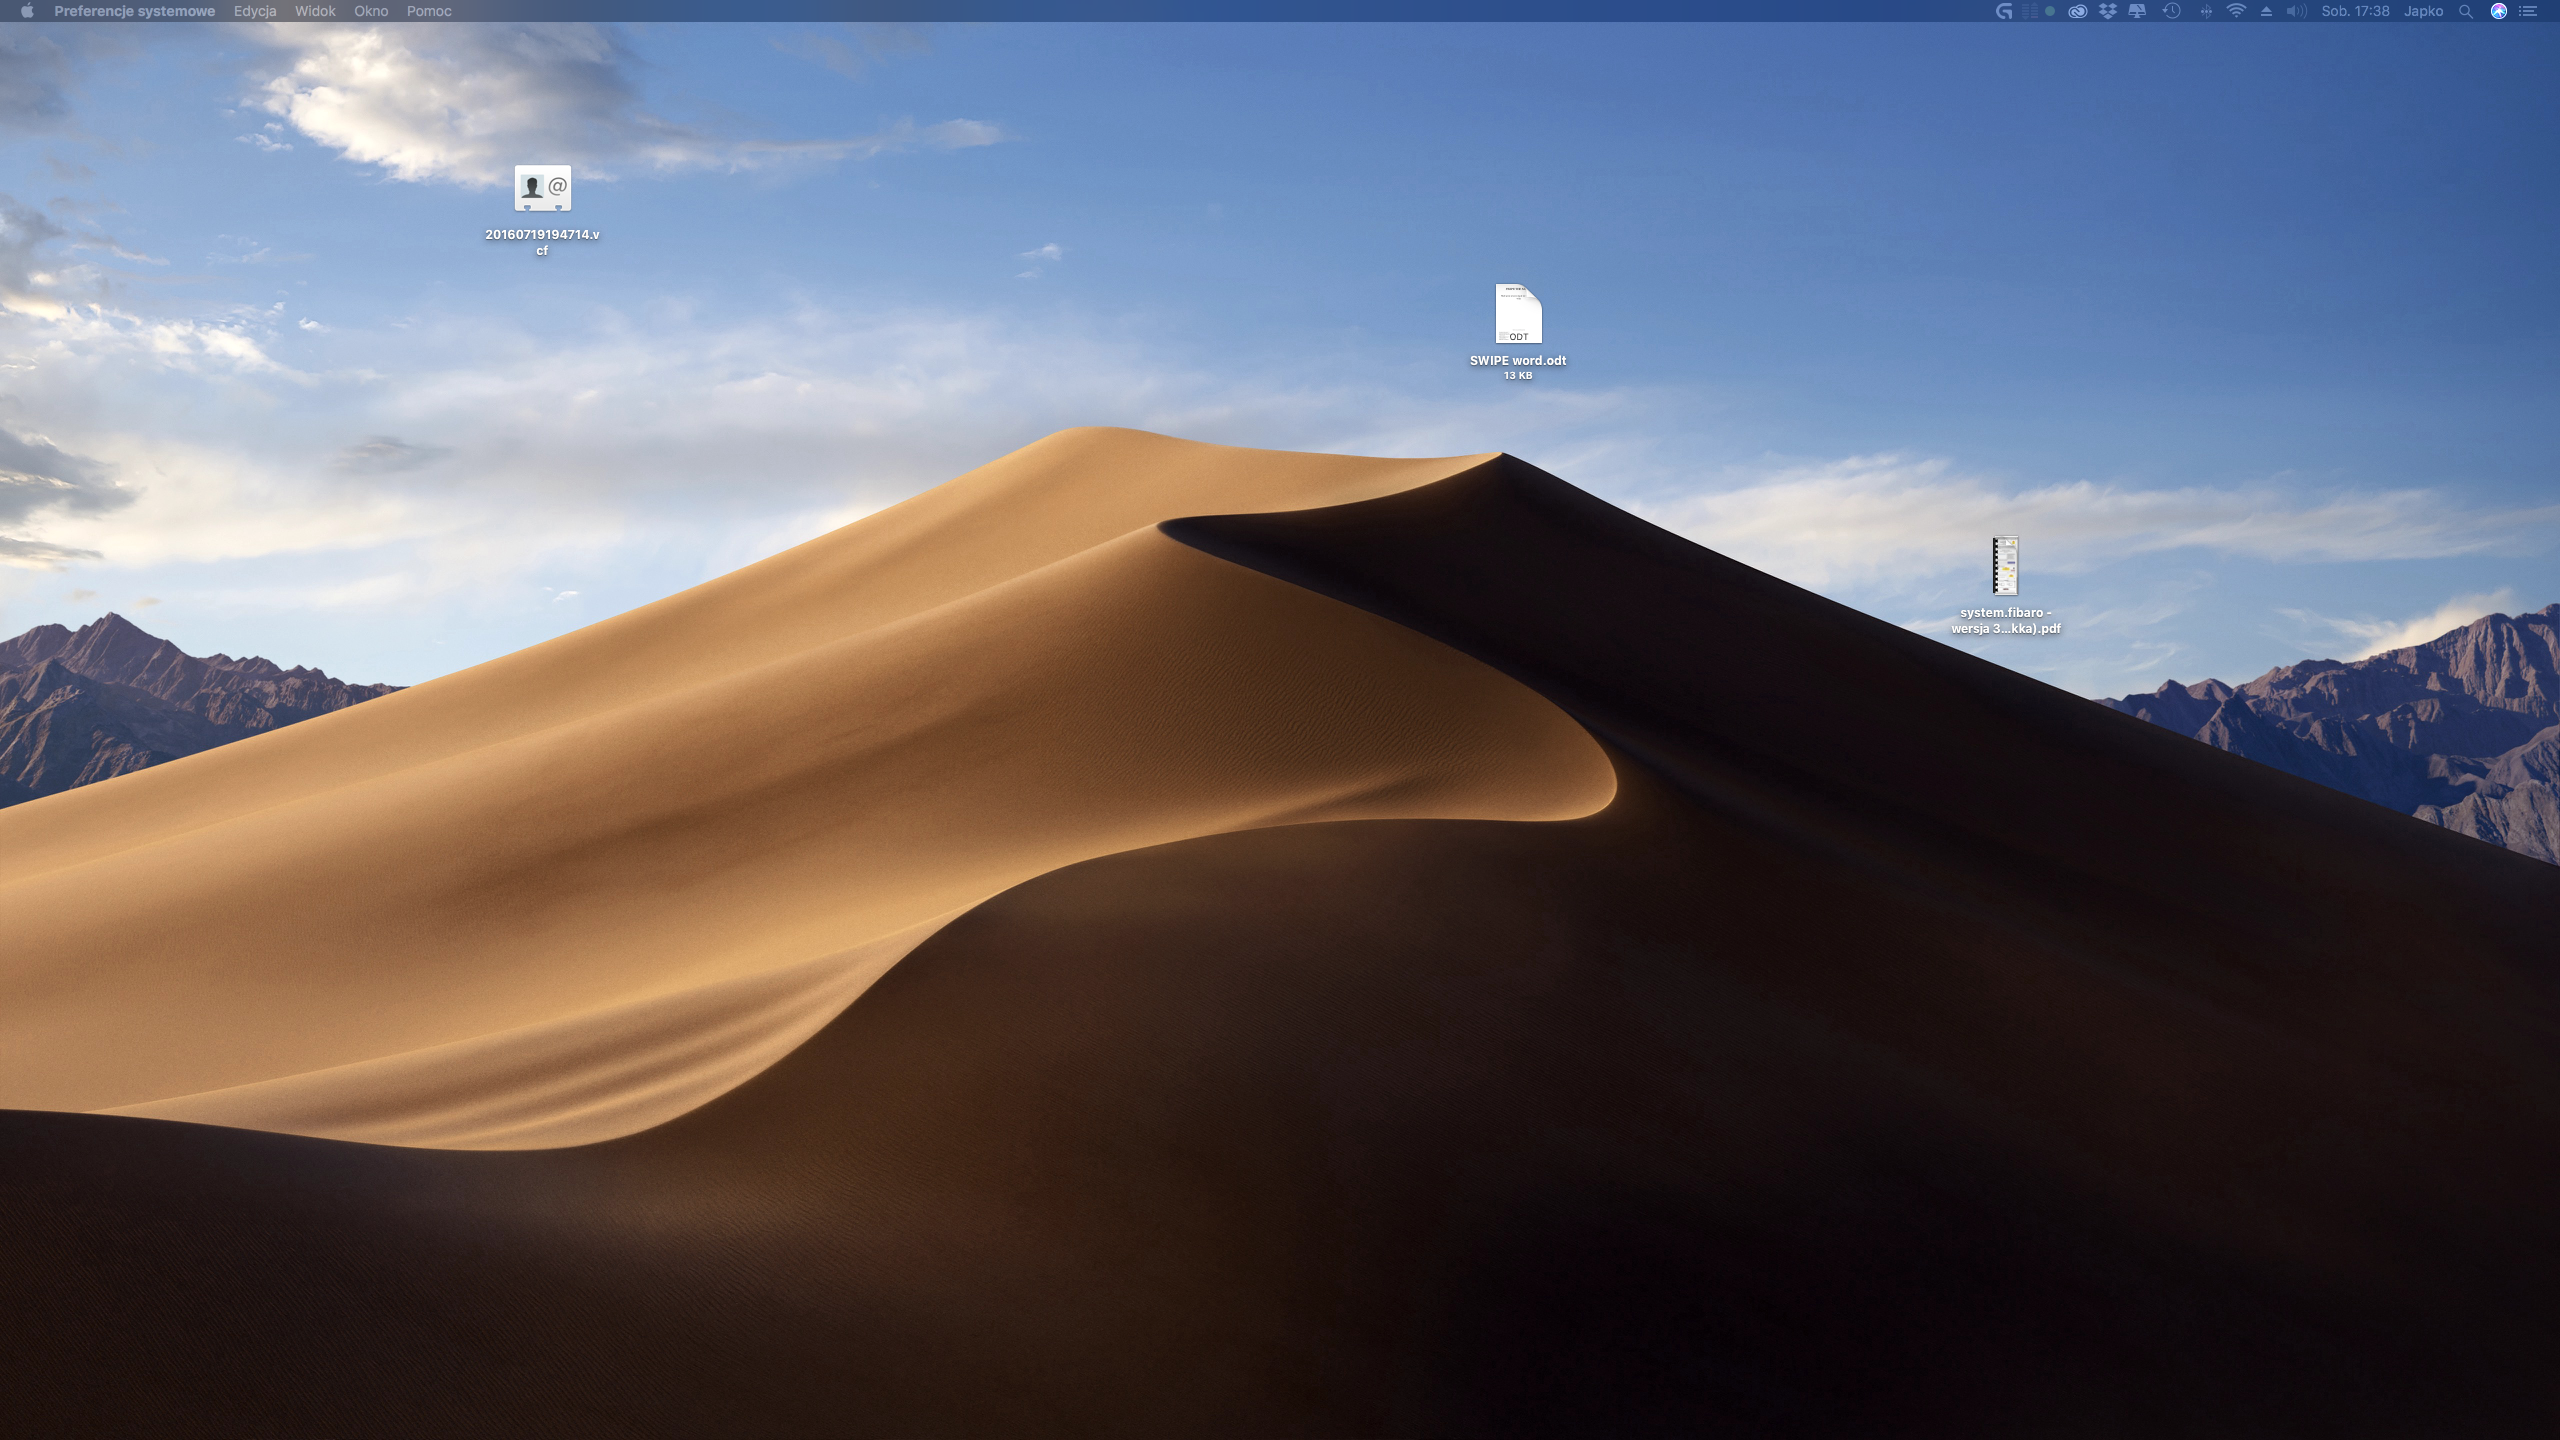 Jak ustawić dynamiczną tapetę z macOS Mojave na starszym macOS